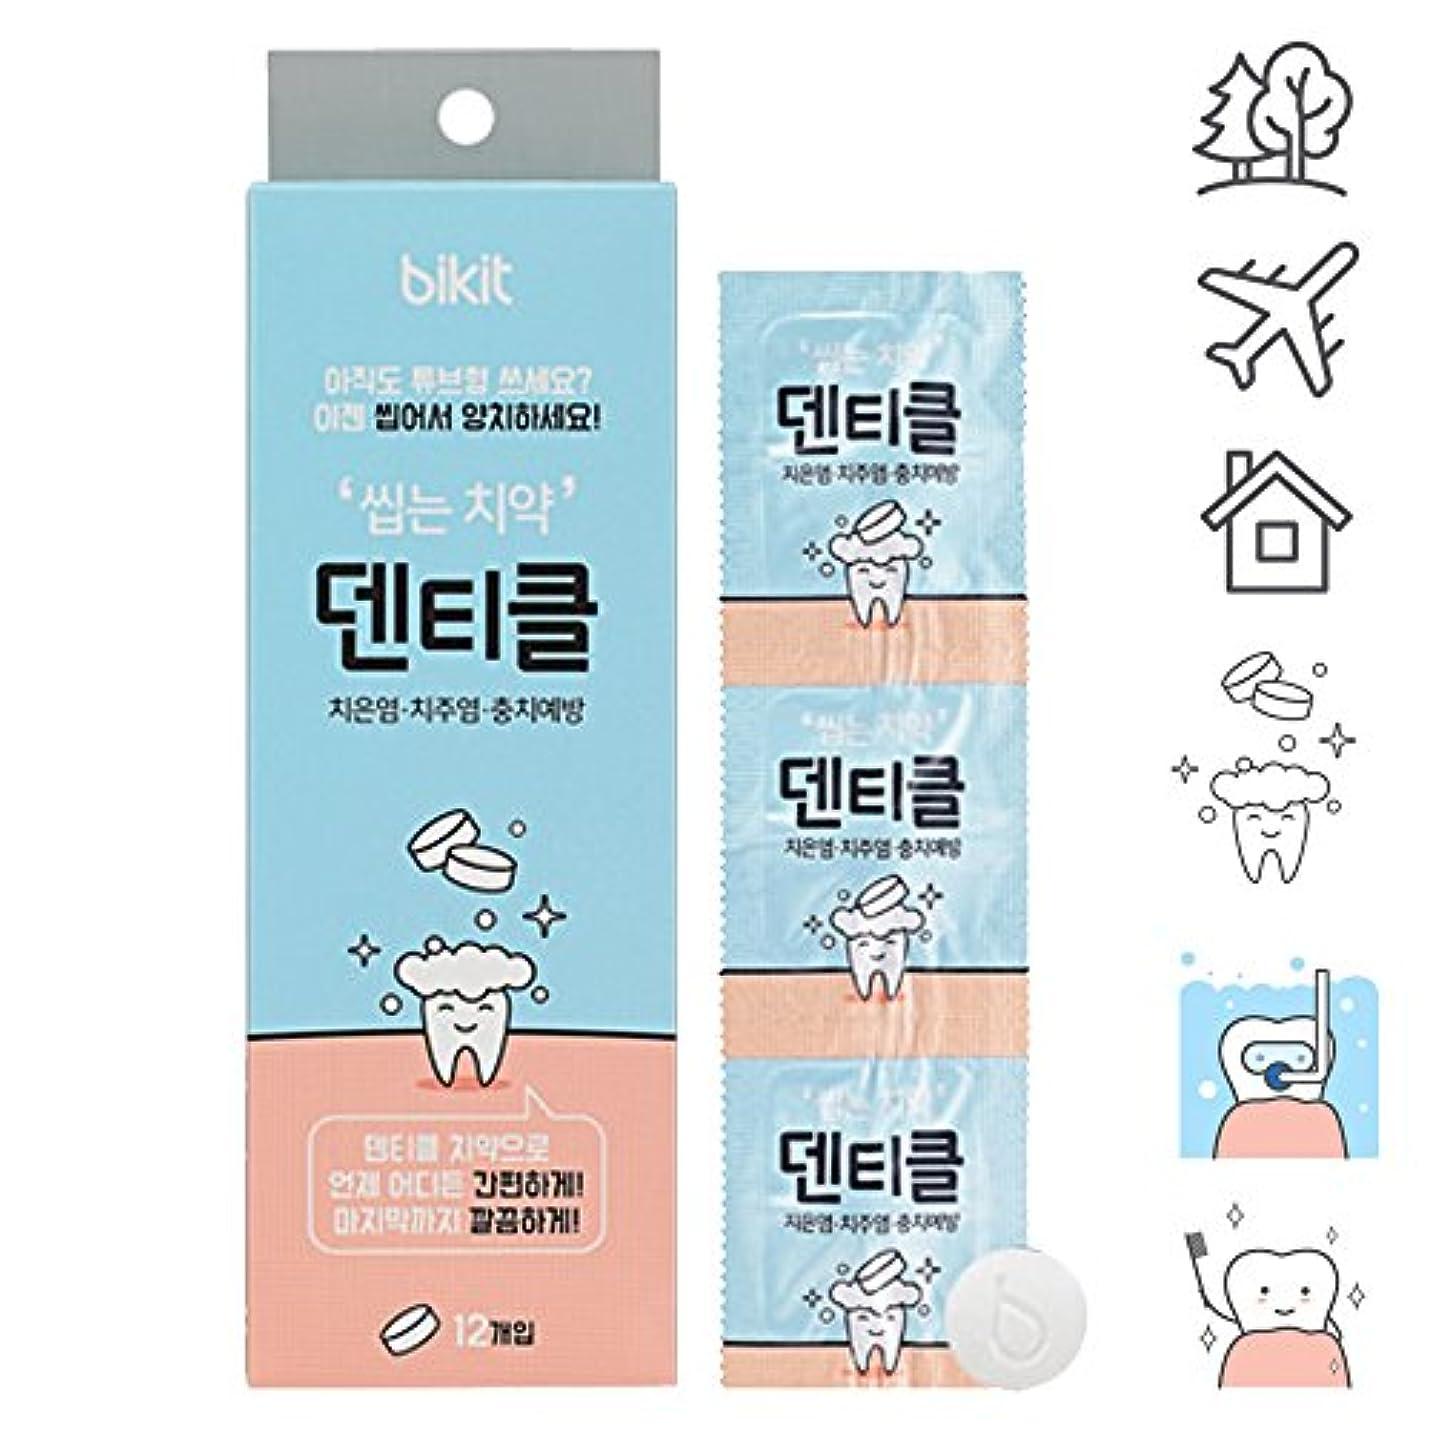 移動ブランデー増幅Bikit [Denticle] Solid toothpaste toothpaste tablets Chewing toothpaste 1BOX(60 PACK X1)